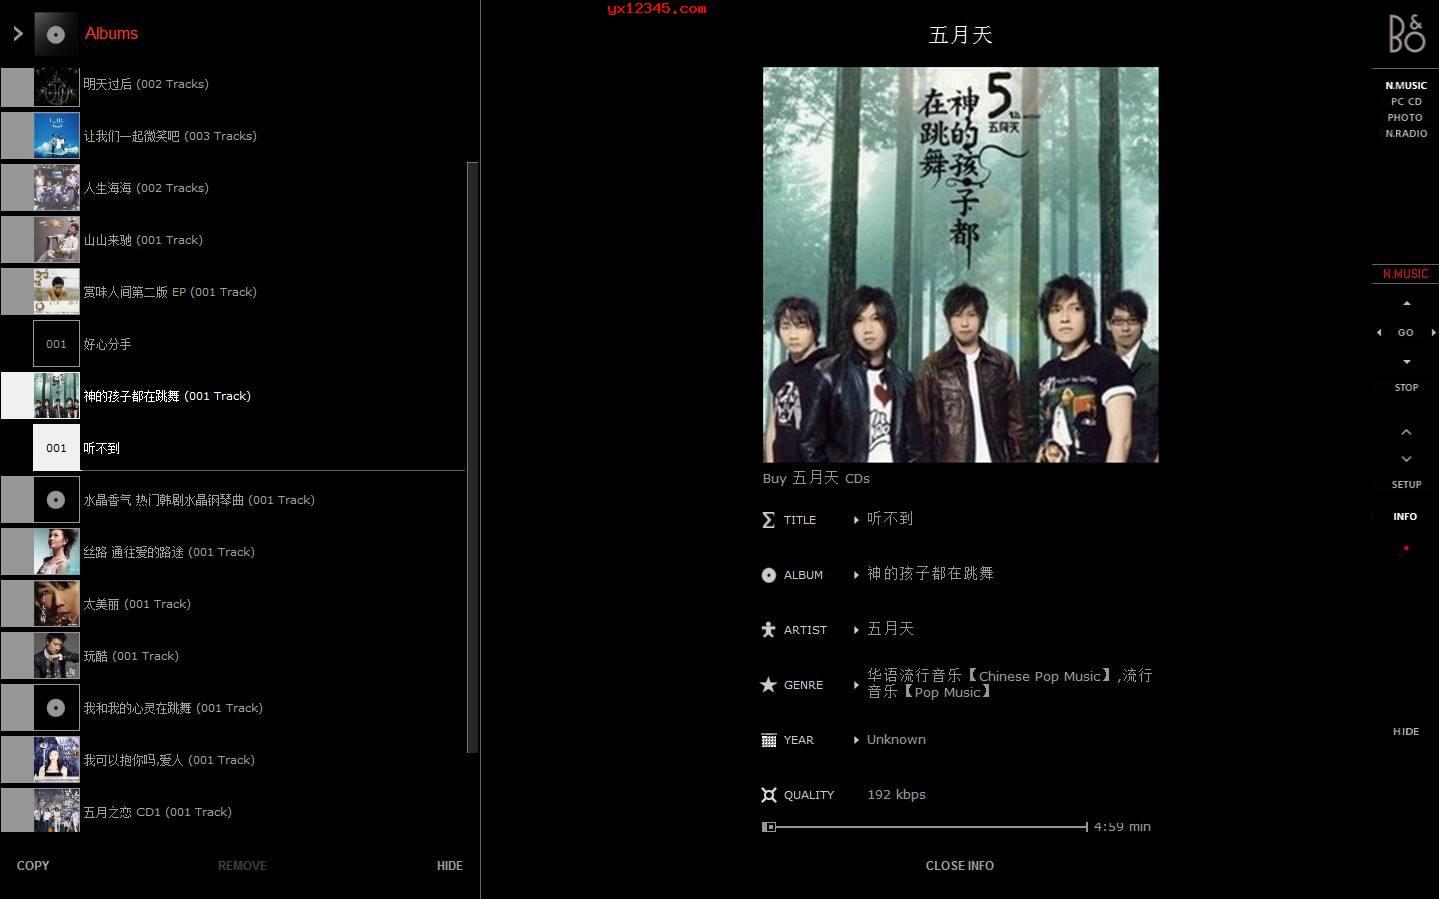 beoplayer汉化中文版_发烧友专用高音质音乐播放器